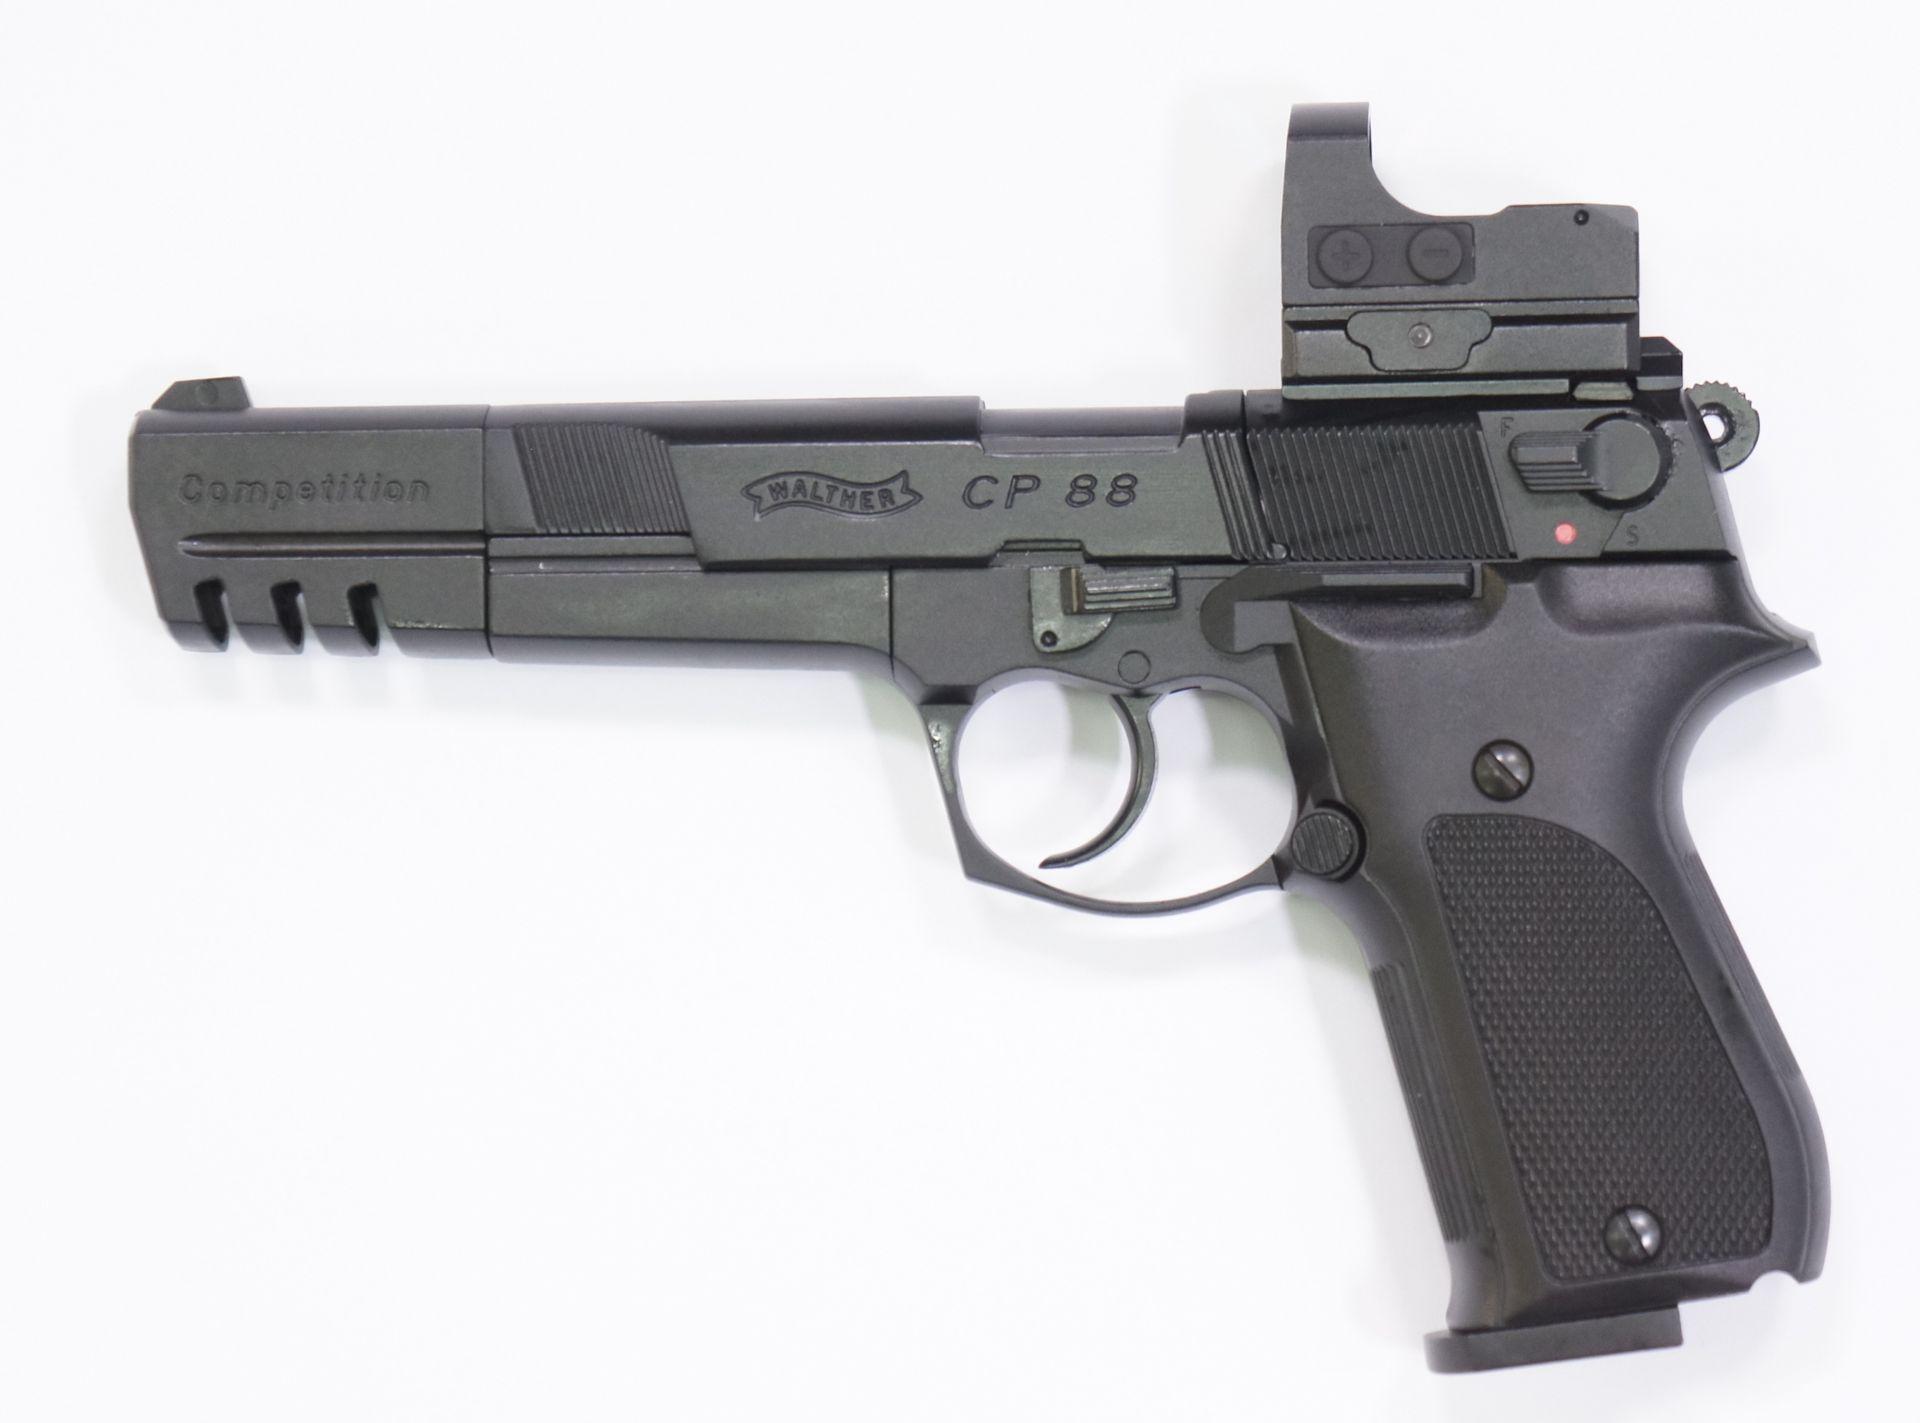 Montagebeispiel der neuen Generation auf   <a href=1050062.htm> CO2 Pistole Walther CP88 Competition, schwarz</a> mit <a href=1130225-21N.htm>Reflexvisier Hawke </a>